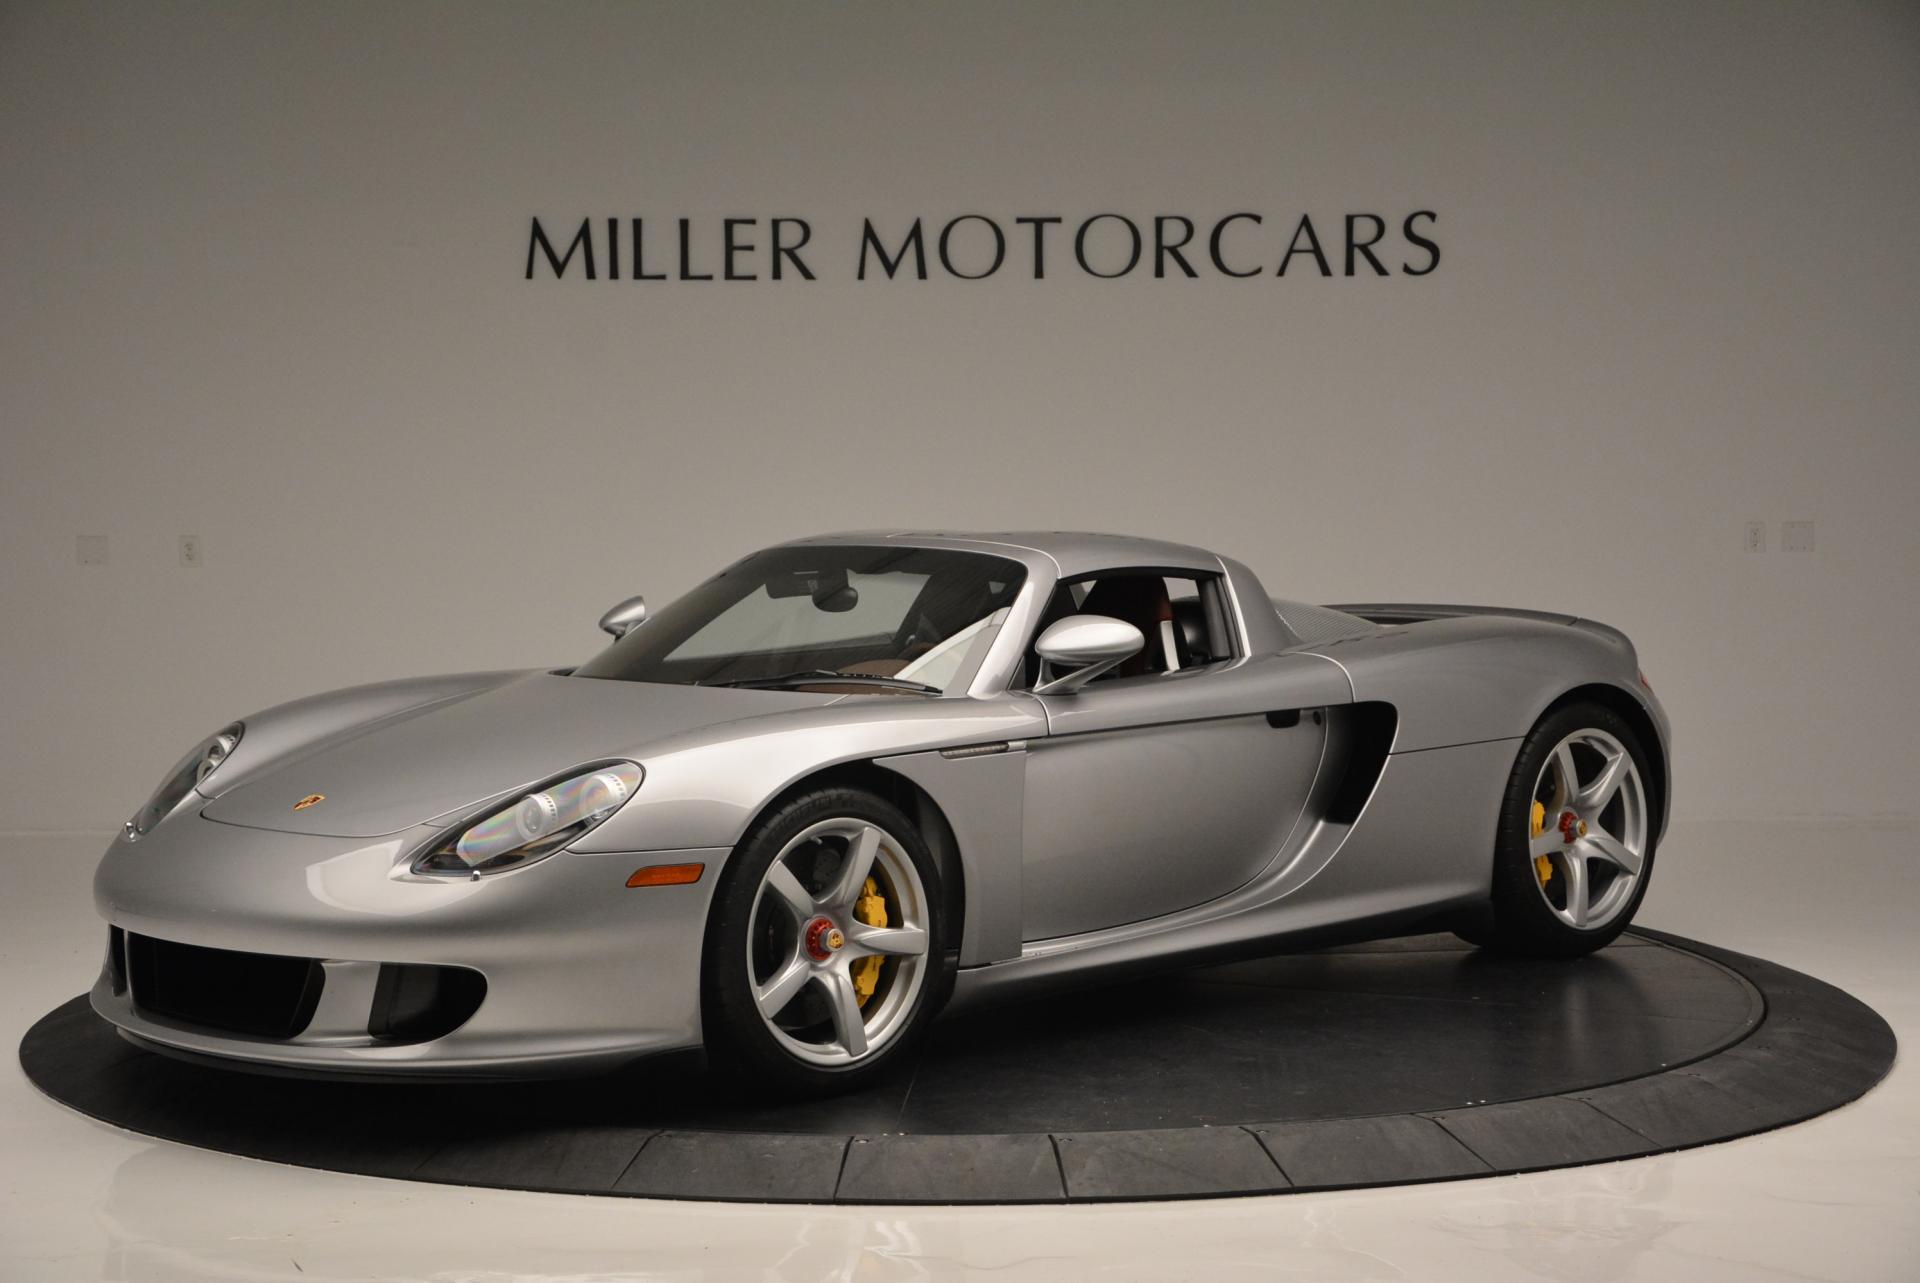 Used 2005 Porsche Carrera GT  For Sale In Greenwich, CT. Alfa Romeo of Greenwich, 7114 108_main